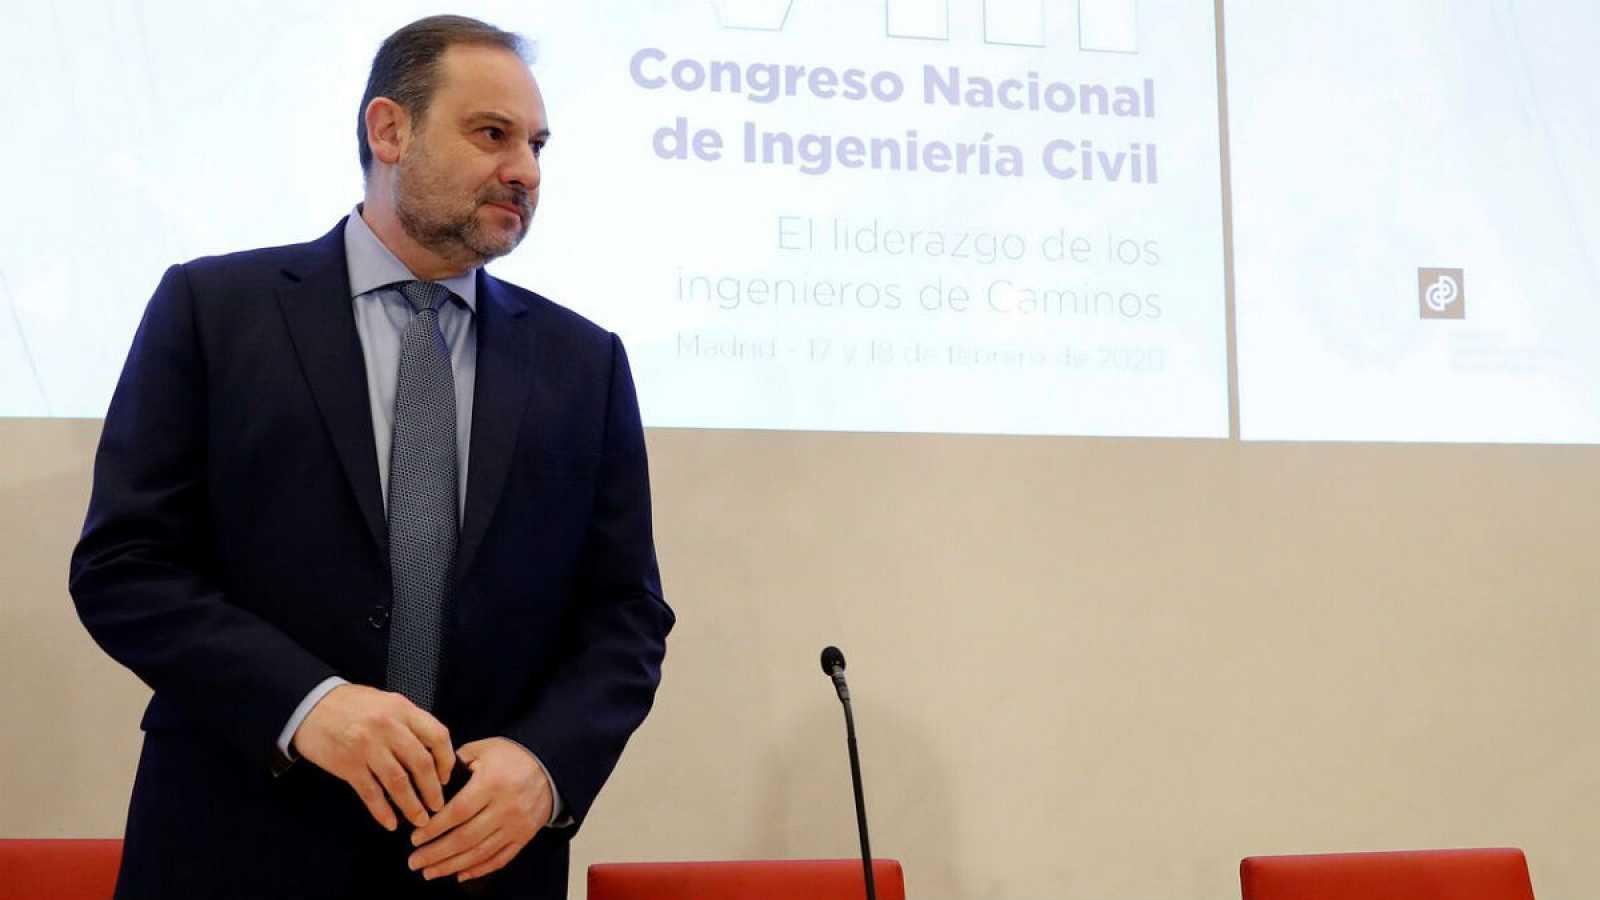 El ministro de Transportes, Movilidad y Agenda Urbana, José Luis Ábalos, inaugura el VIII Congreso Nacional de Ingeniería Civil, organizado por el Colegio de Ingenieros de Caminos, Canales y Puertos en Madrid.